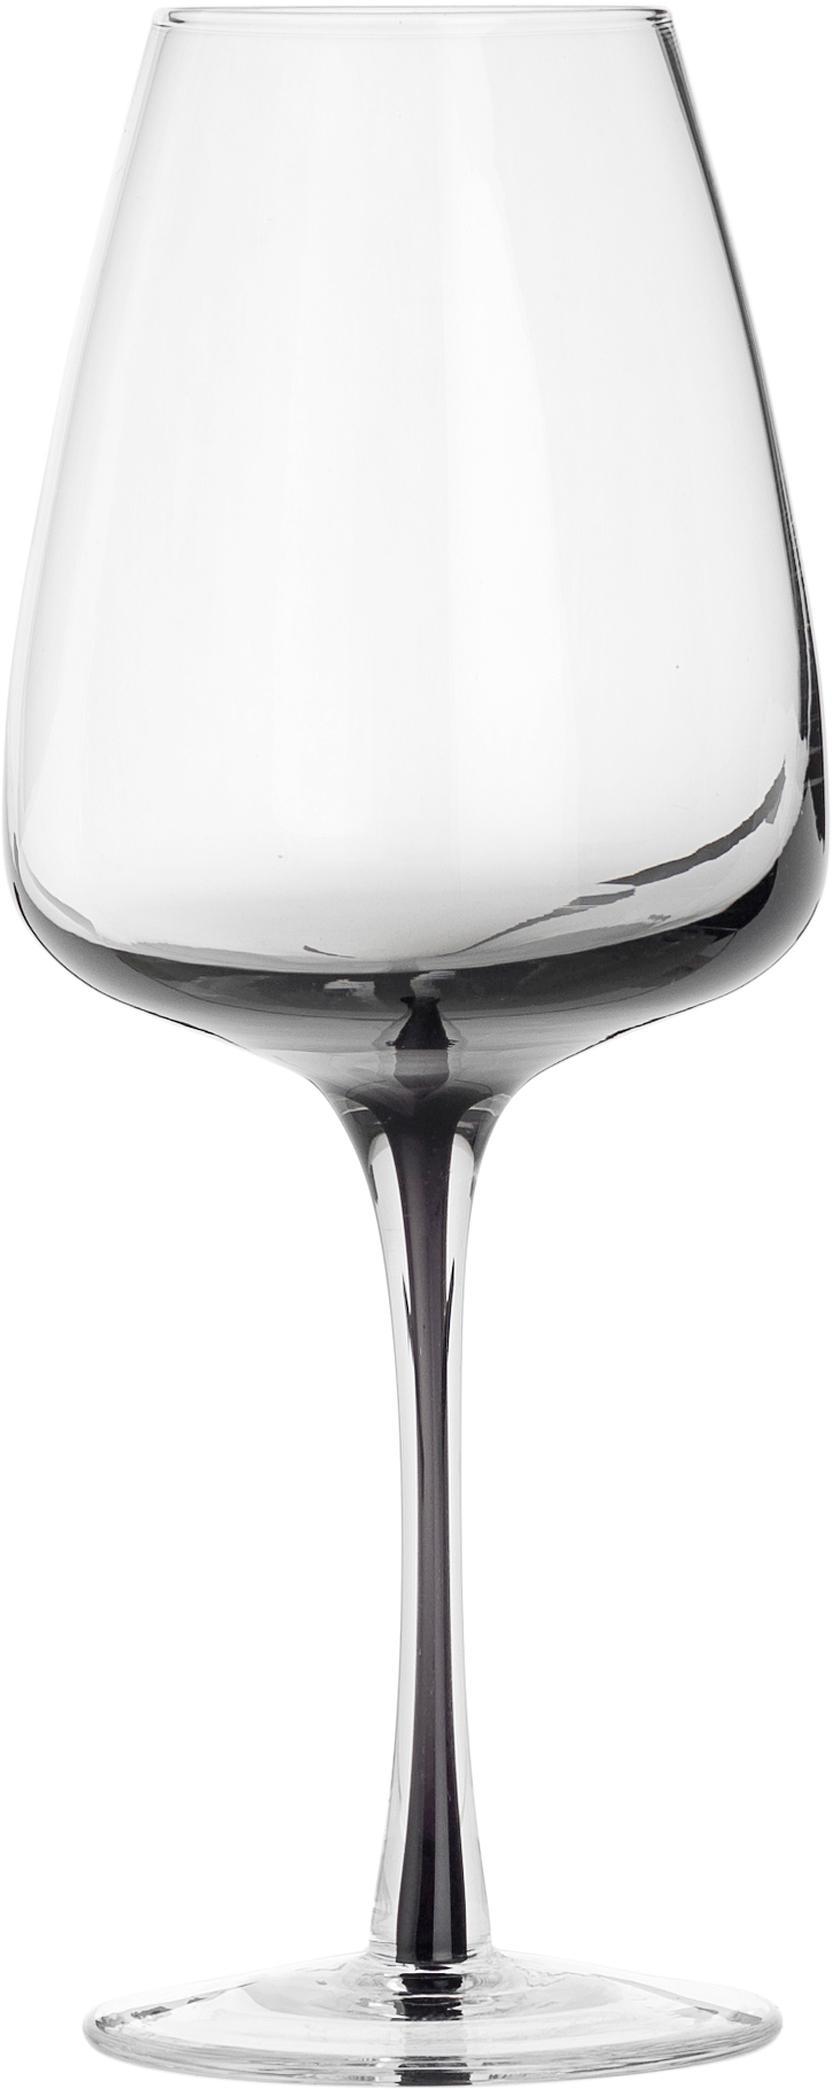 Copas de vino de vidrio soplado Smoke, 4uds., Vidrio soplado y de paredes gruesas, Gris oscuro, Ø 9 x Al 21 cm